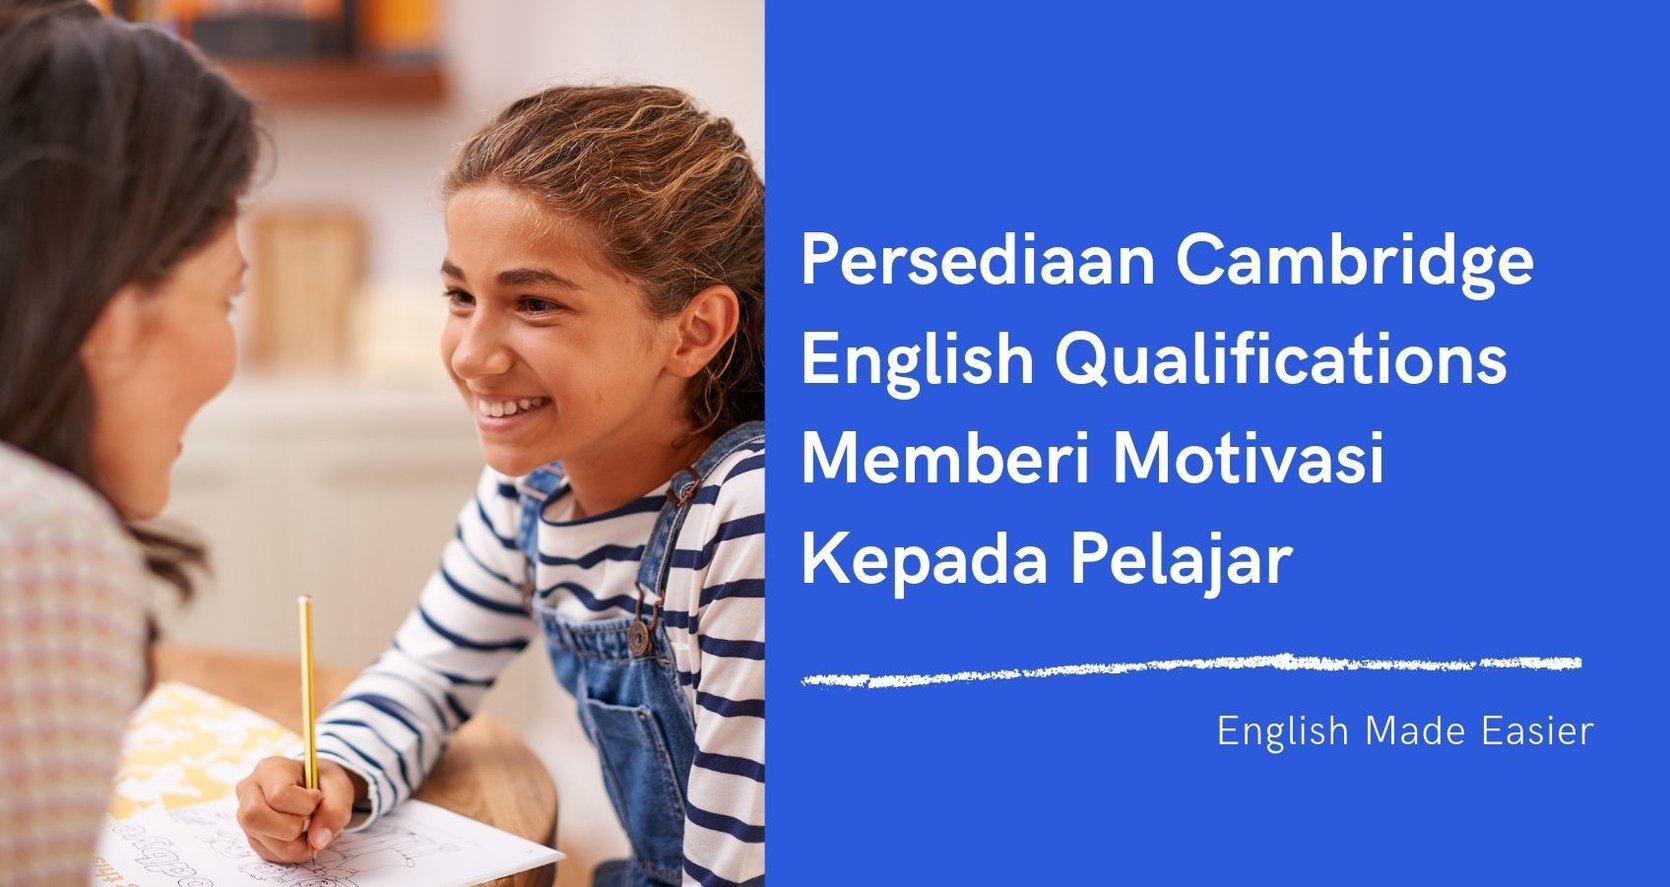 Persediaan Bagi Cambridge English Qualifications Memberi Motivasi Kepada Pelajar